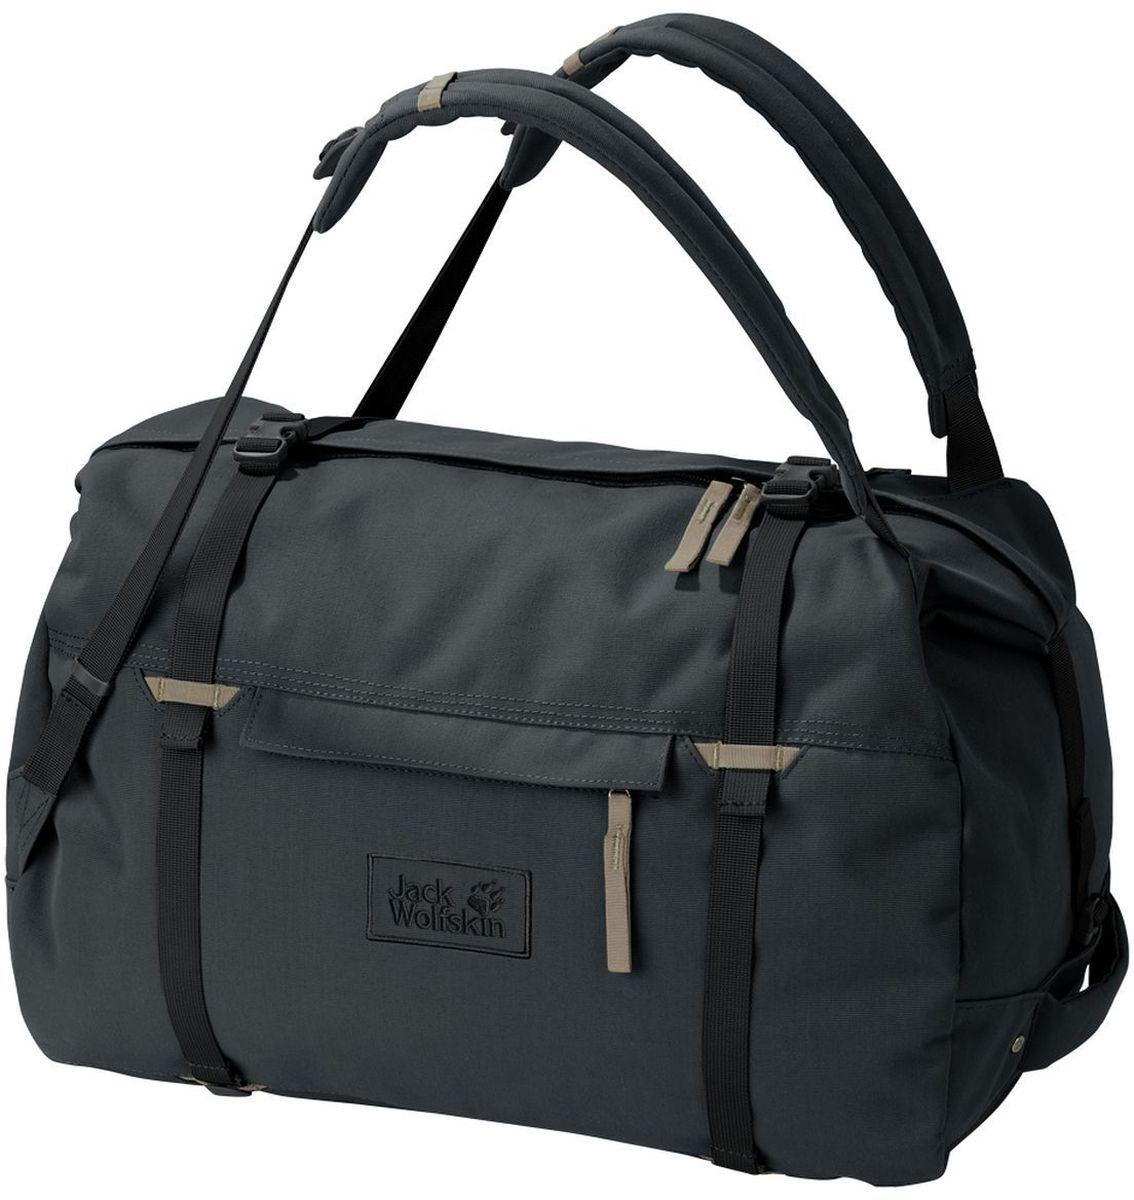 Сумка-рюкзак Jack Wolfskin Roamer 80 Duffle, цвет: темно-серый, 80 л2005671-6350Очень большая и прочная сумка для путешествий с возможность ношения как рюкзак